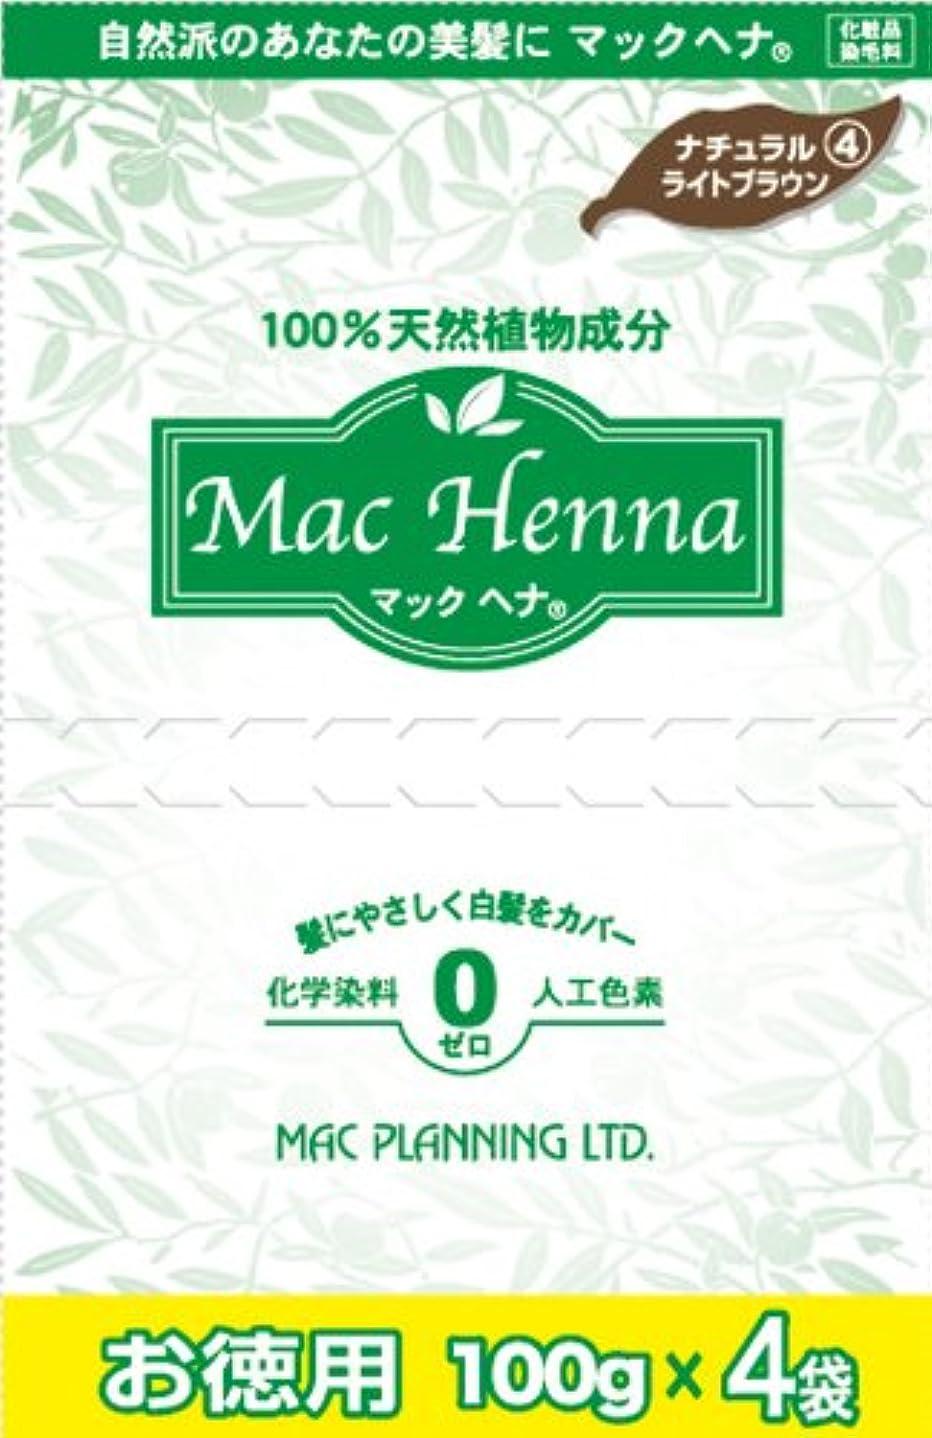 シミュレートする行為何故なの天然植物原料100% 無添加 マックヘナ お徳用(ナチュラルライトブラウン)-4  400g(100g×4袋)3箱セット